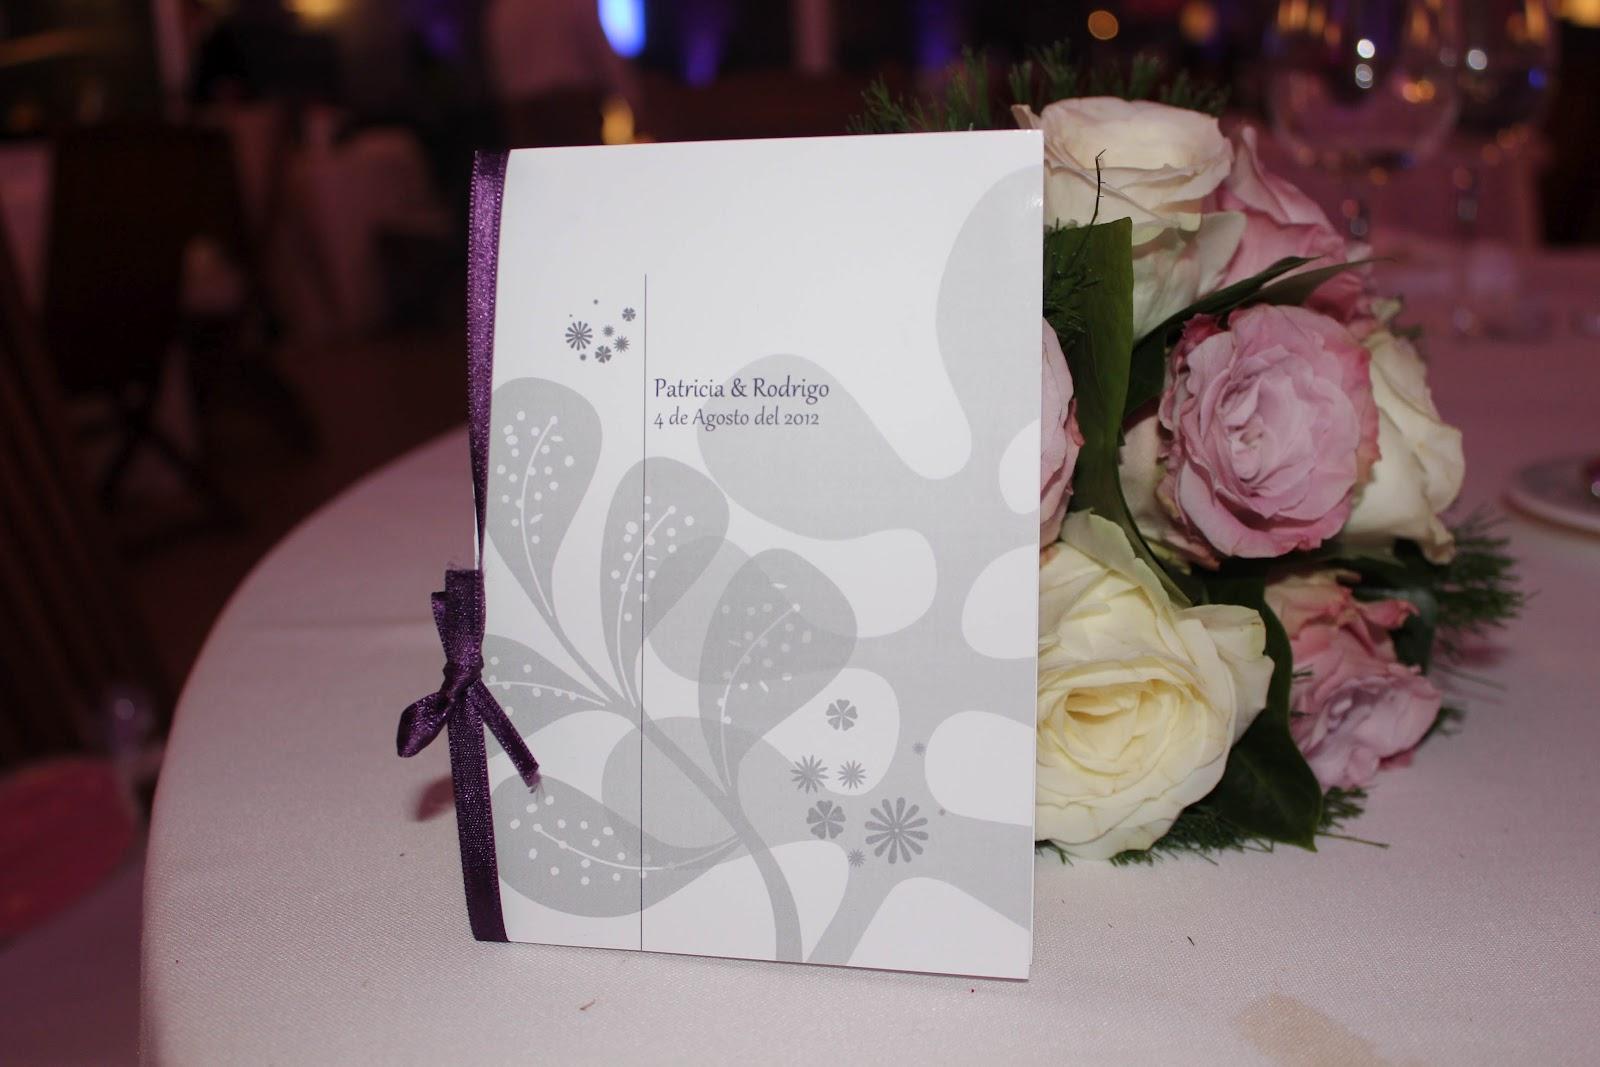 Tuplanbe pyr detalles de boda tuplanbe blog de - Aecc regalos boda ...